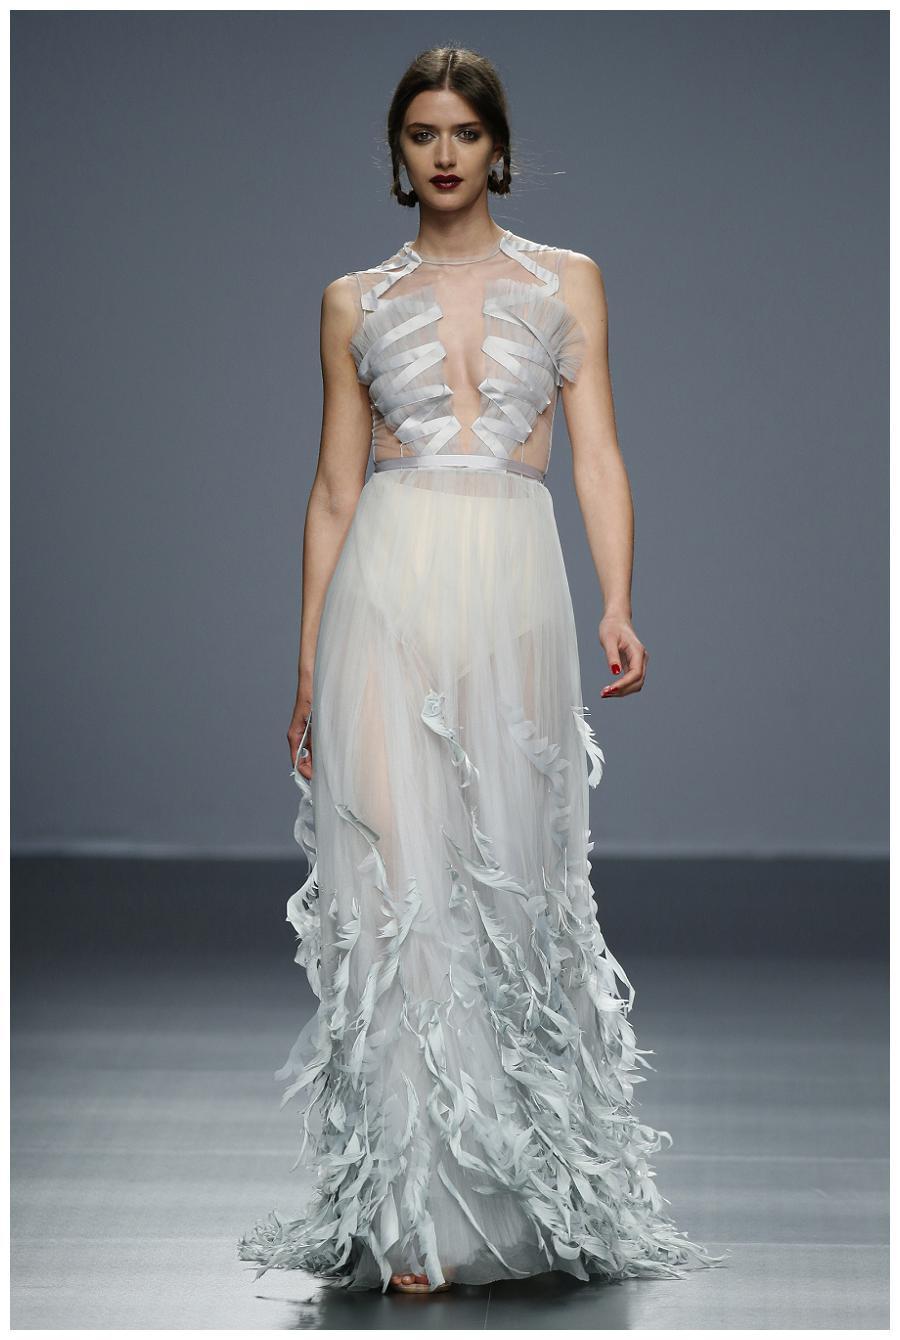 10 robes colorées pour une mariée peu conventionnelle - Page 2 sur 2 ...